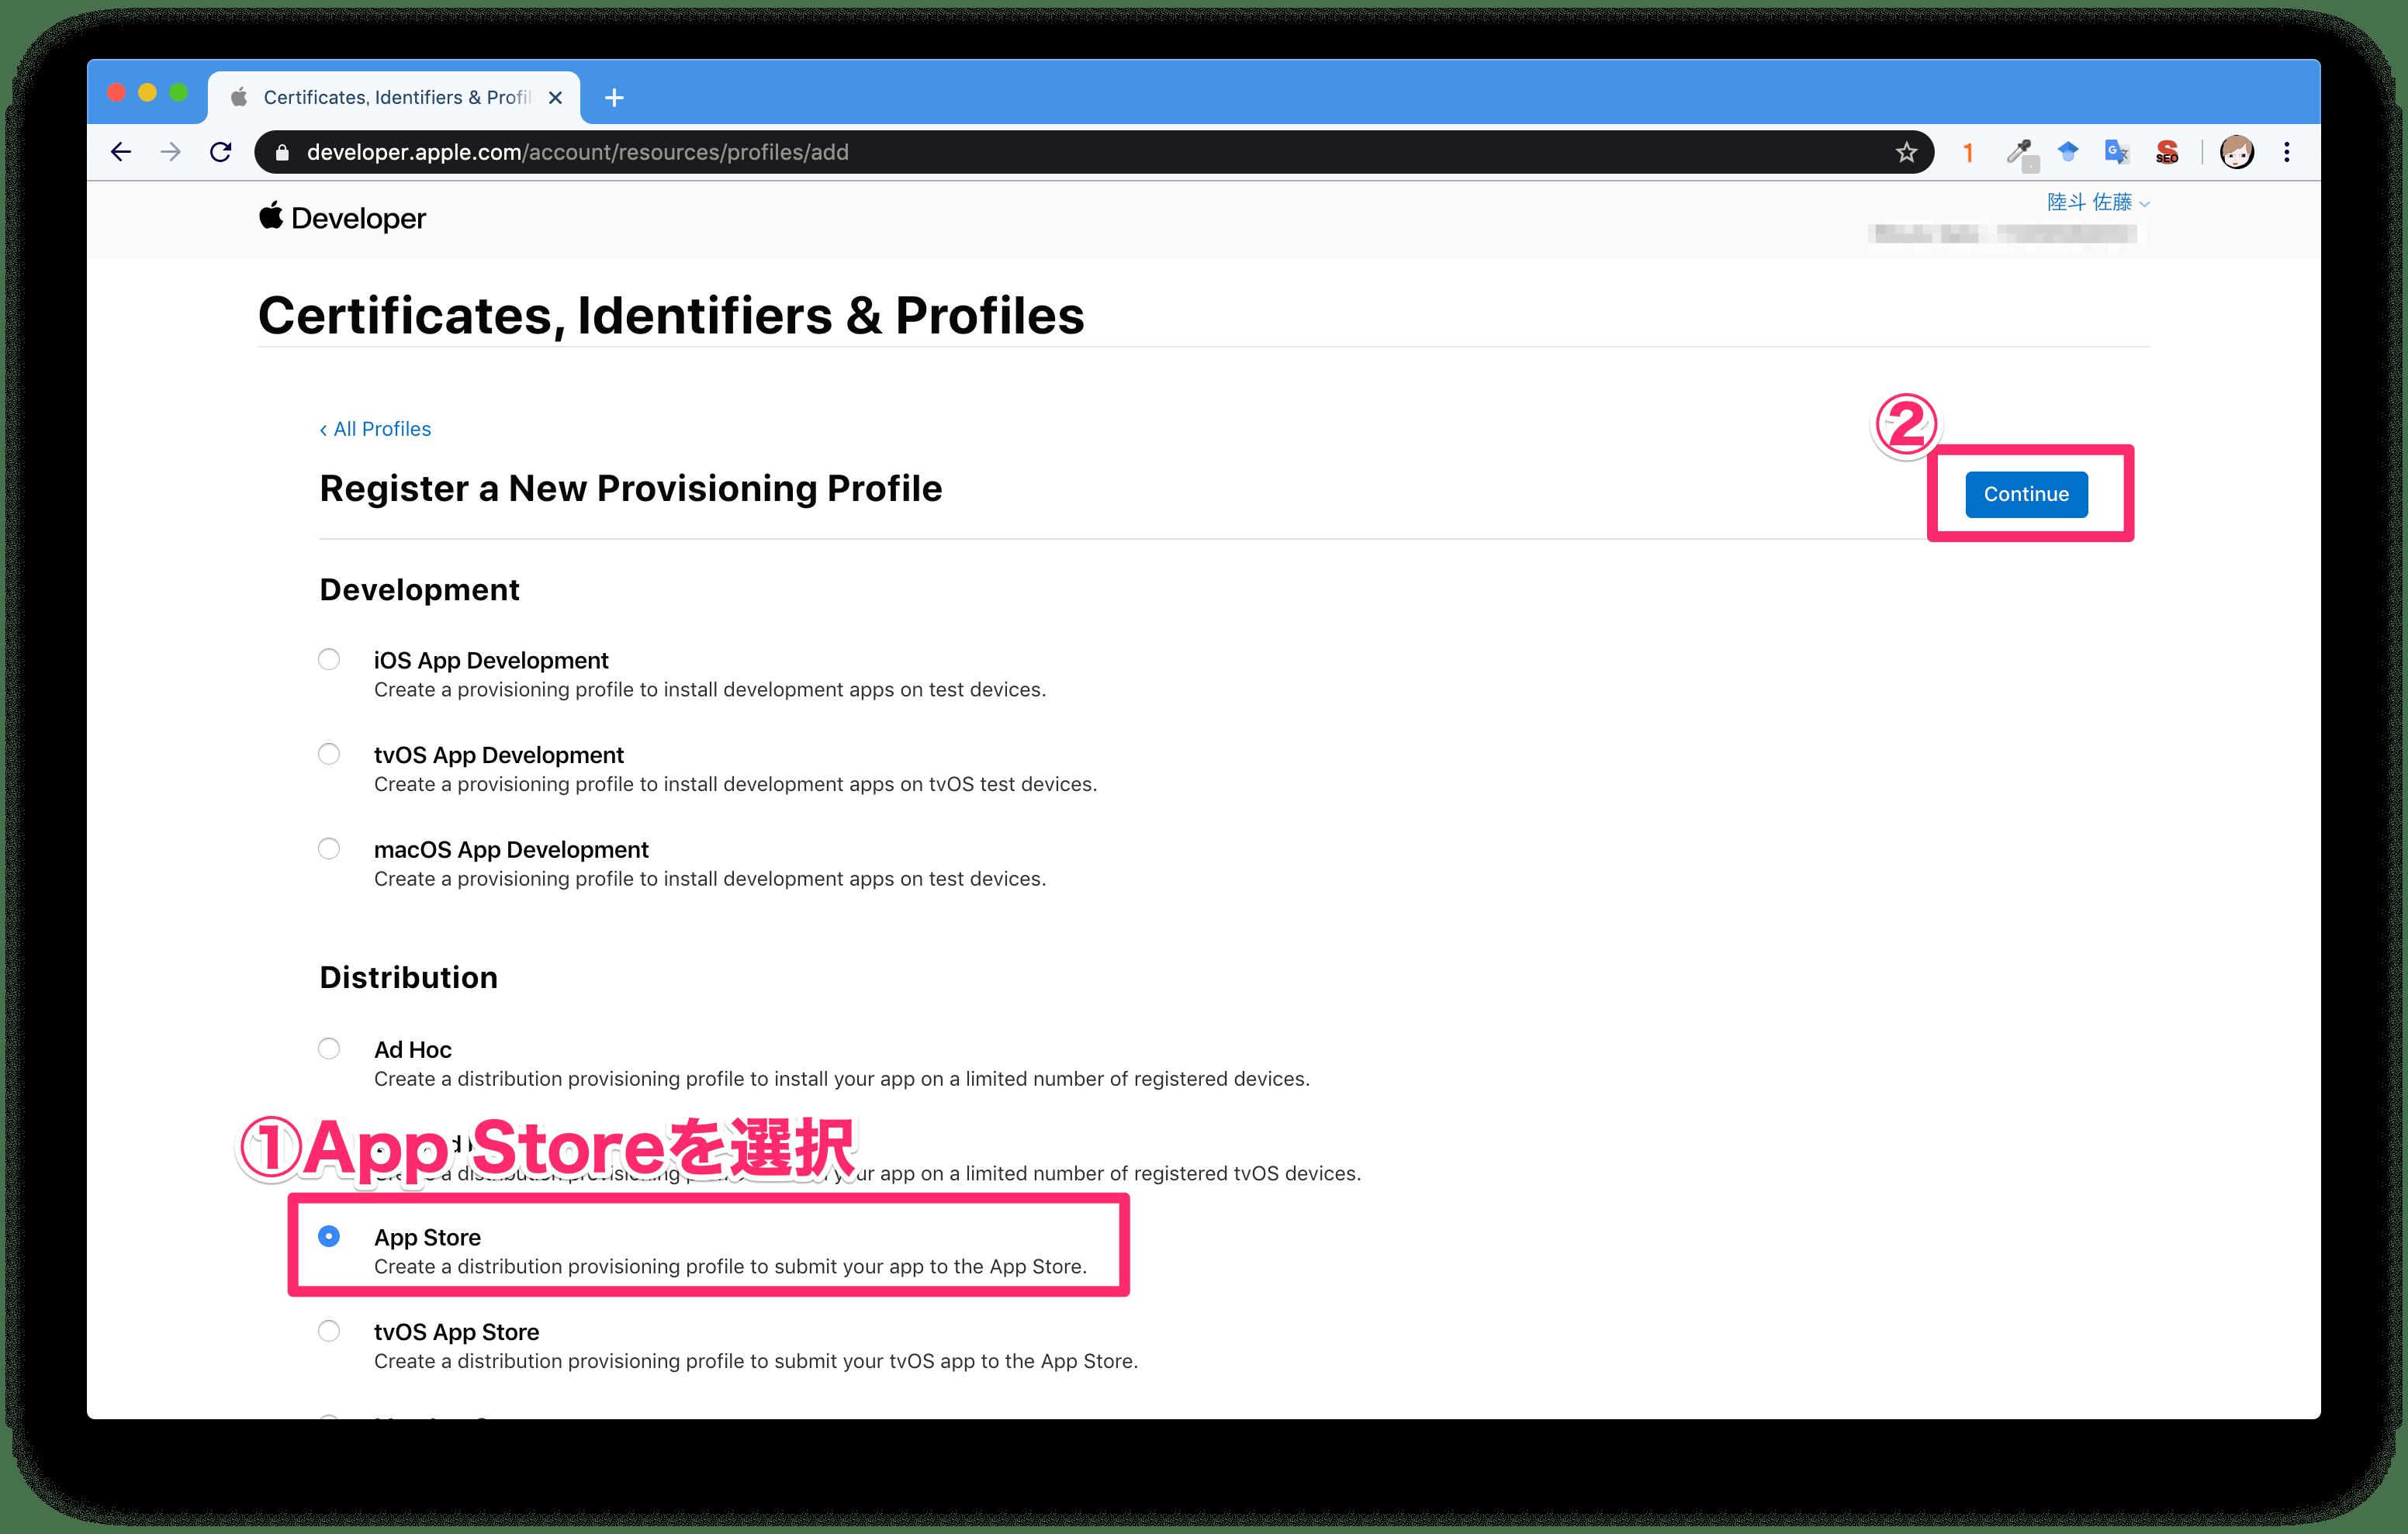 AppStoreを選択してcontinueをクリックする画像